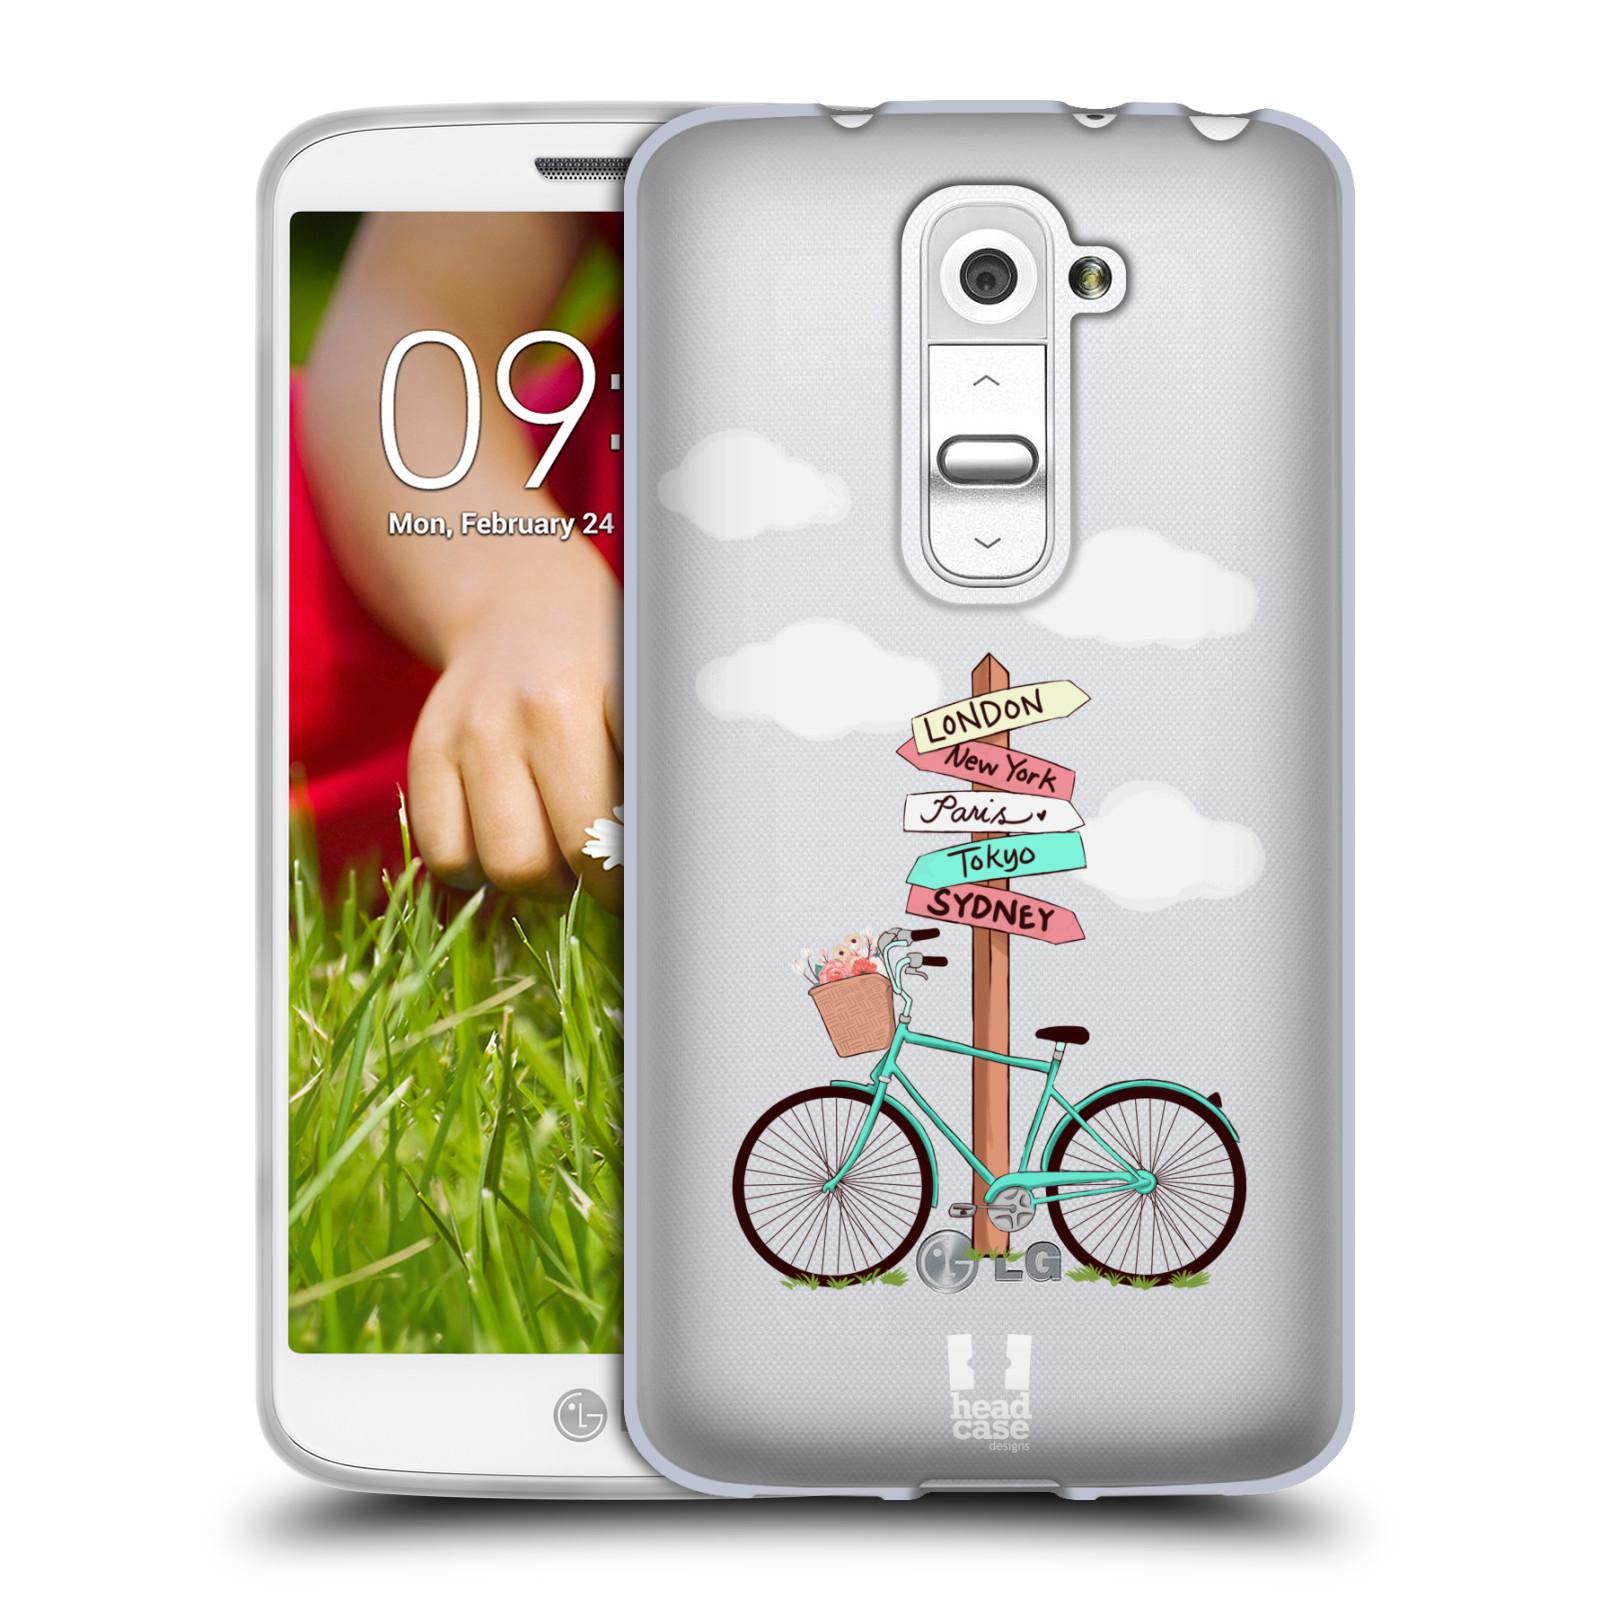 Silikonové pouzdro na mobil LG G2 Mini Head Case - Rozcestník s kolem (Silikonový kryt či obal na mobilní telefon s motivem kola pro LG G2 Mini D620)